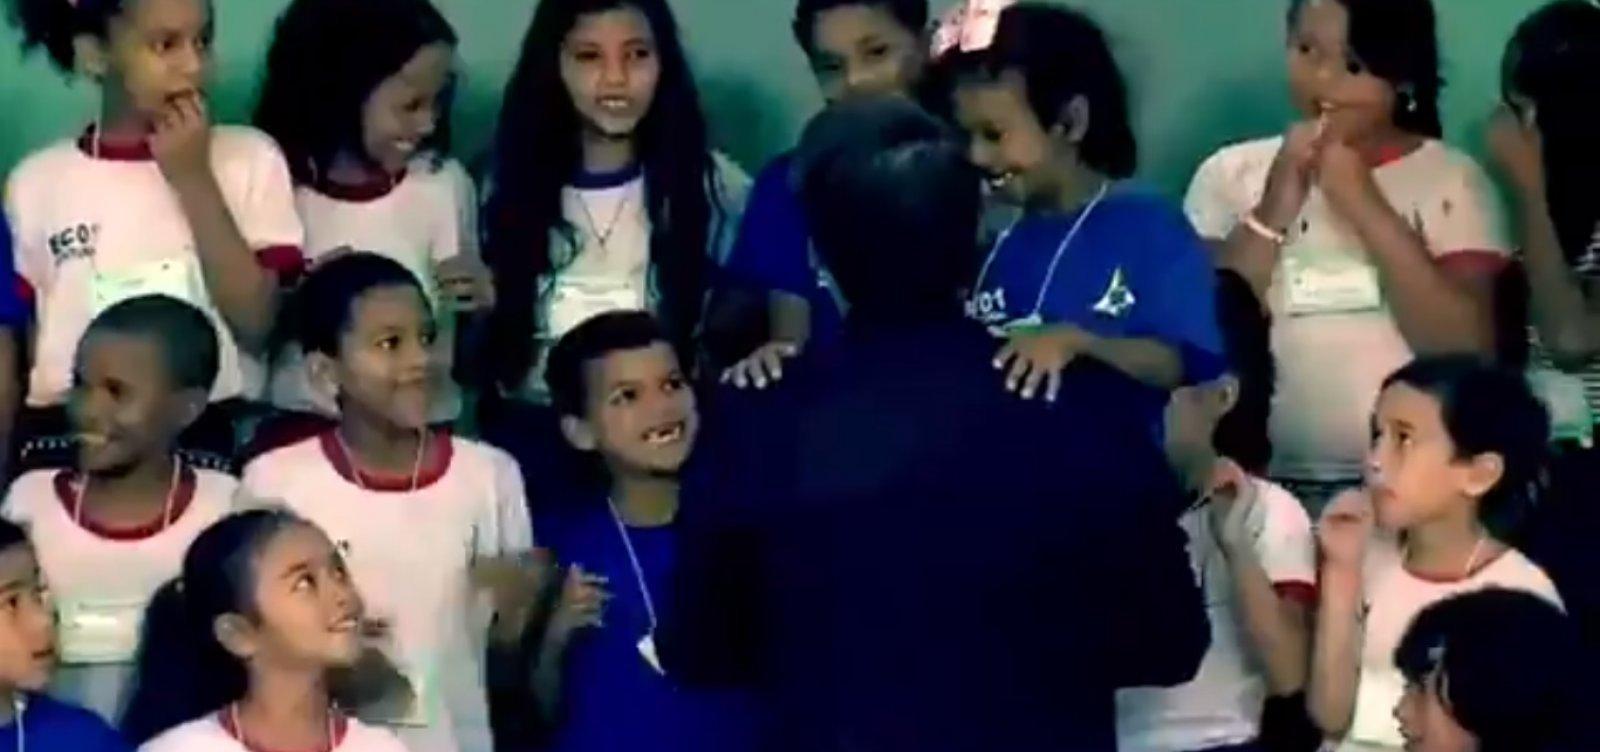 Criança não se recusou a cumprimentar Bolsonaro, diz governo